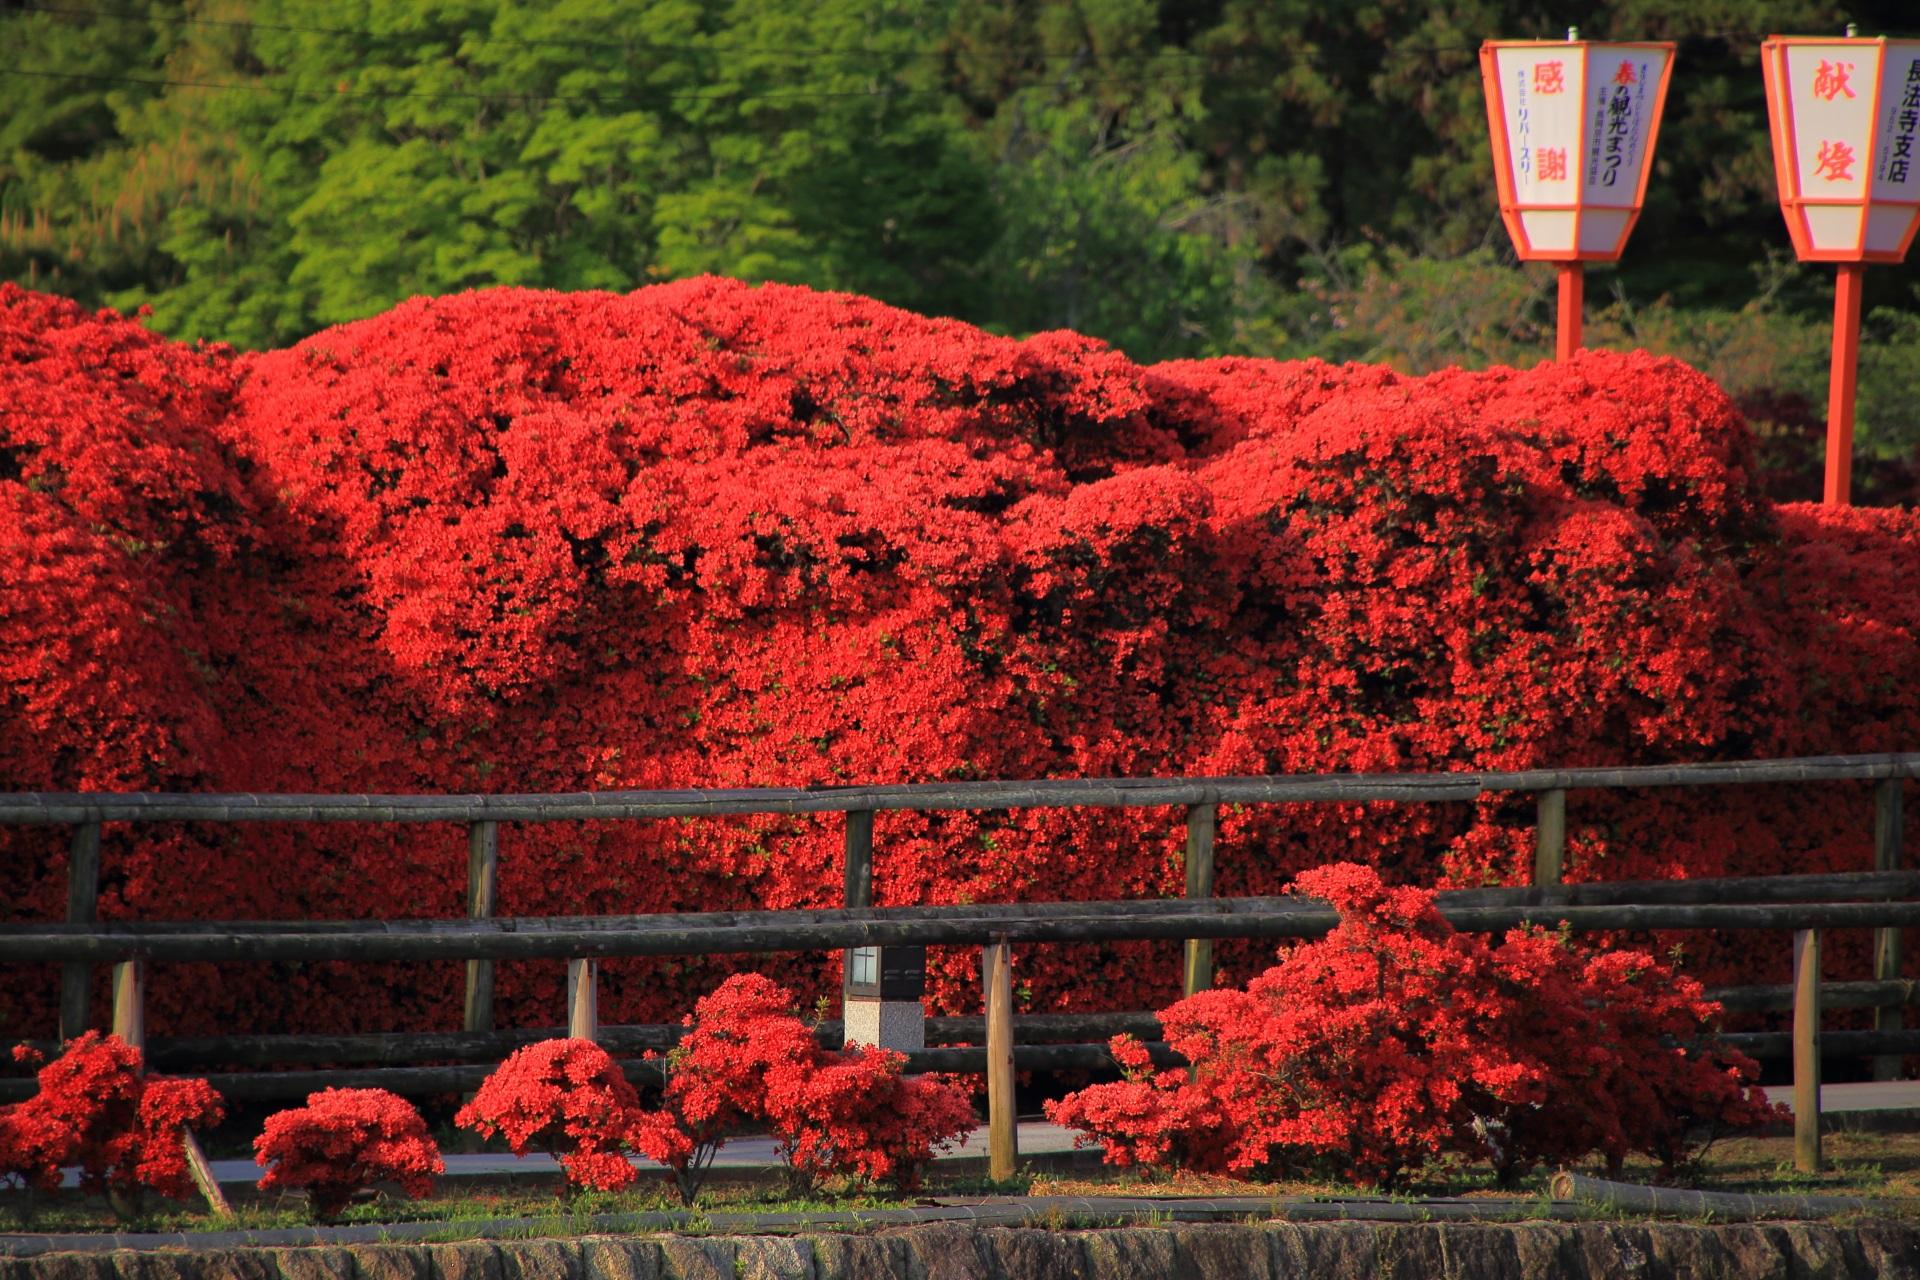 溢れんばかりに咲き誇る真っ赤なきりしまつつじの花